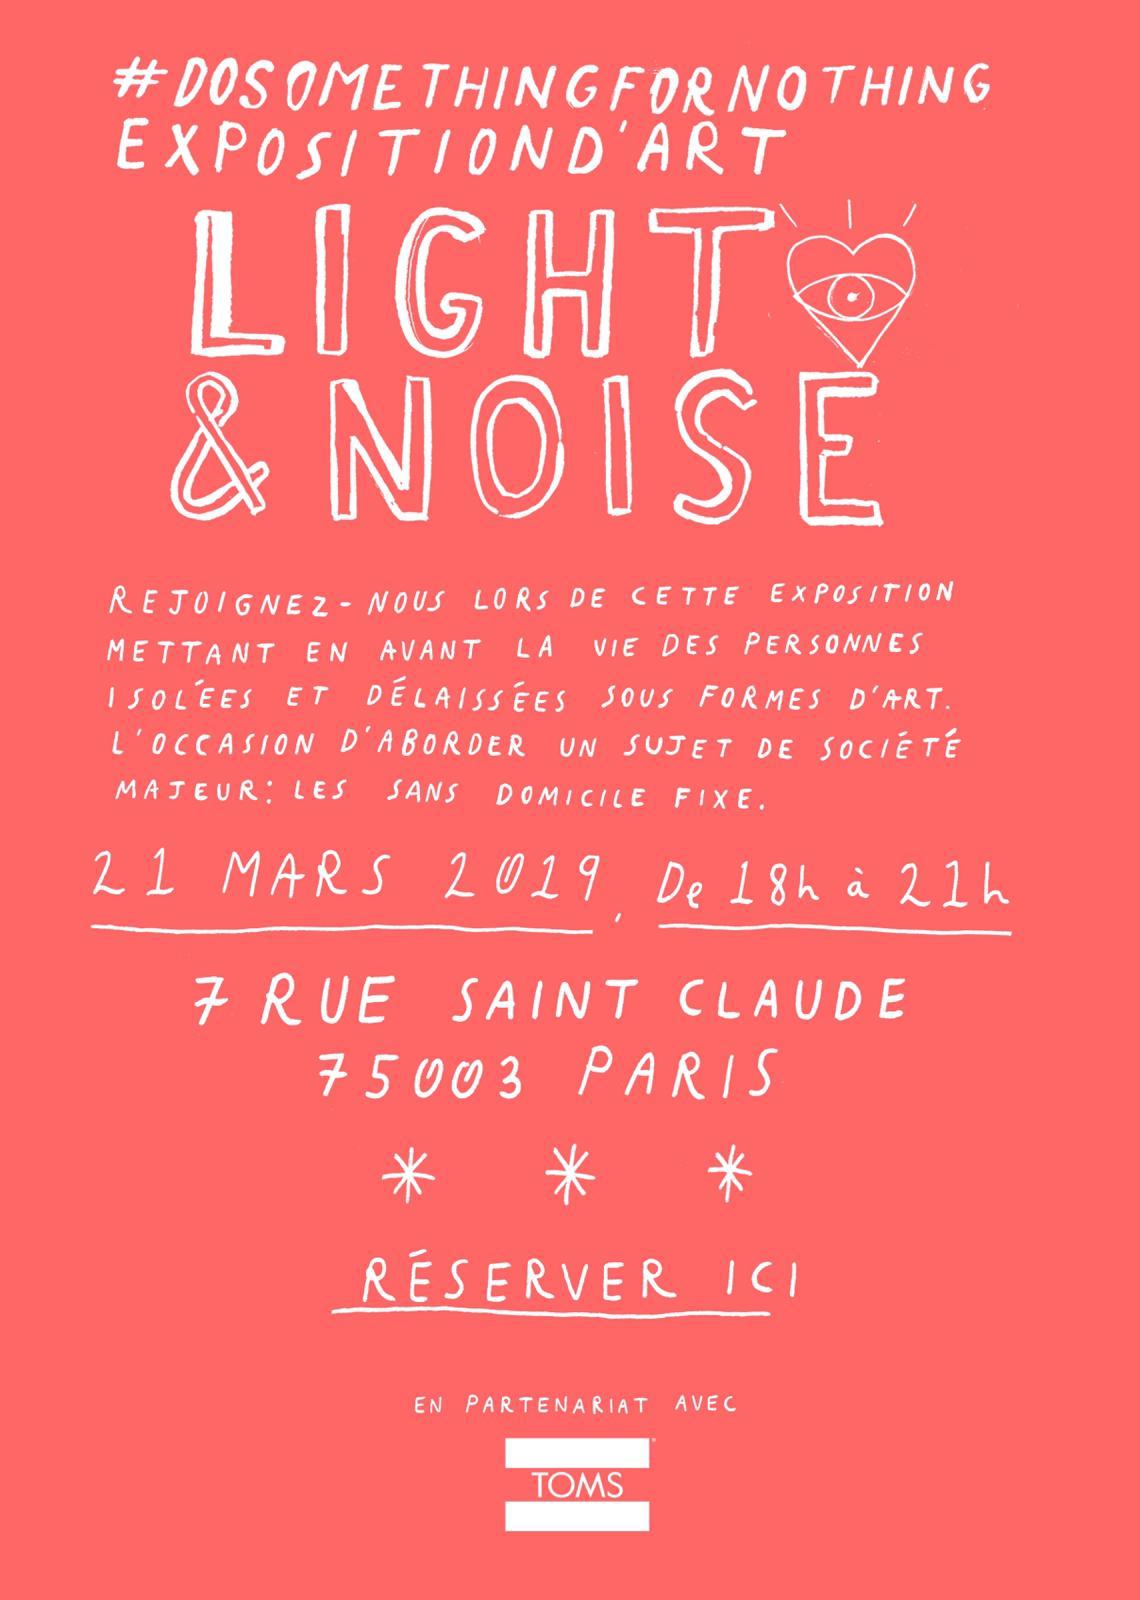 Light&Noise - DoSomethingForNothing s'expose à ParisGalerie d'Art Contemporain Alain Gutharc7 rue Saint-Claude - 75003 PARISle jeudi 21 Mars 201918H à 22HMetro Saint Sebastien Froissart